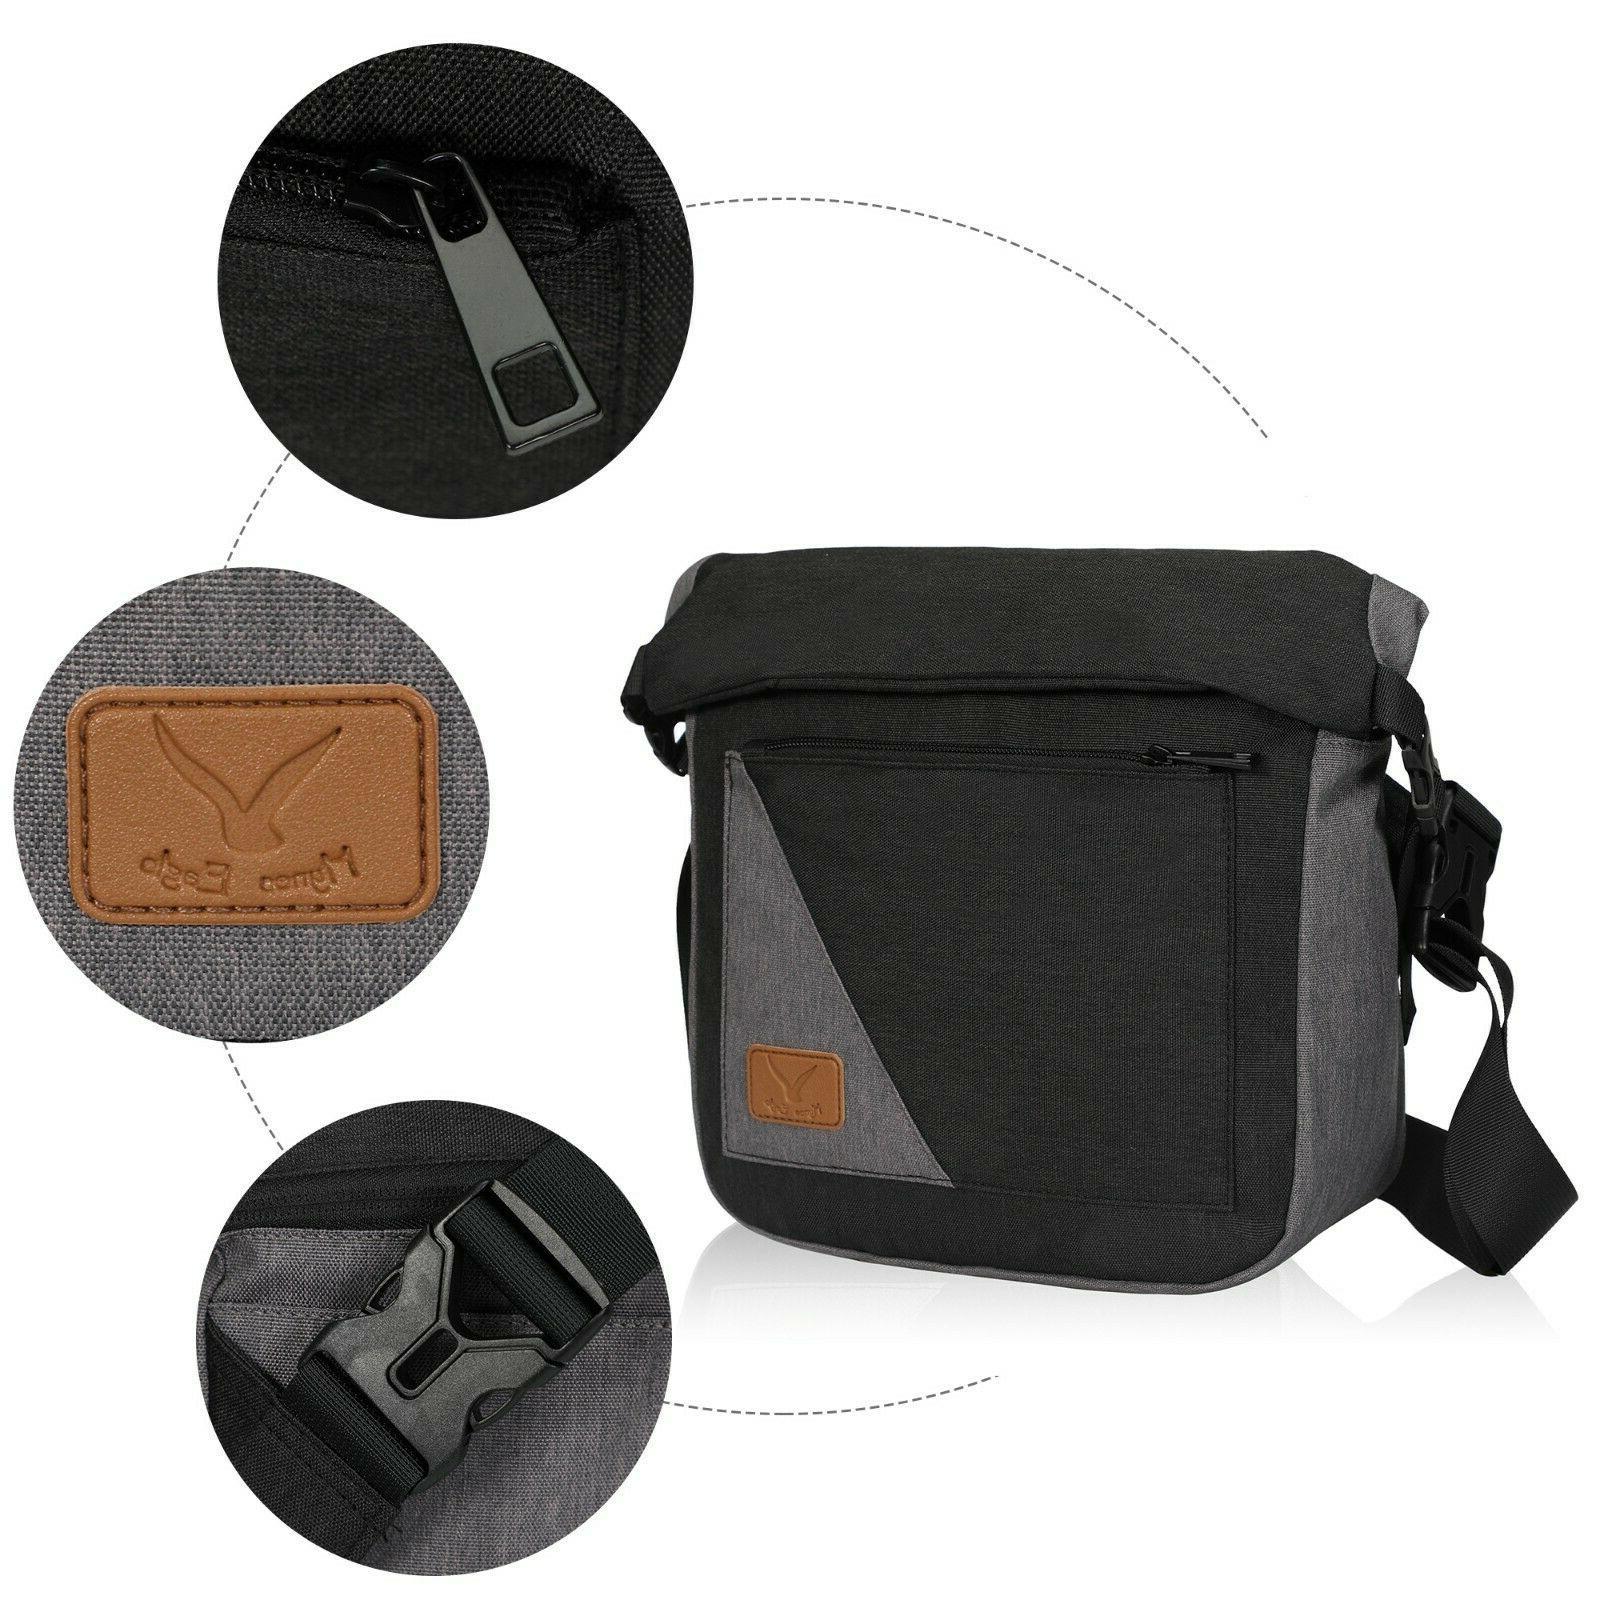 Hynes Roll Anti Theft Purse Bag